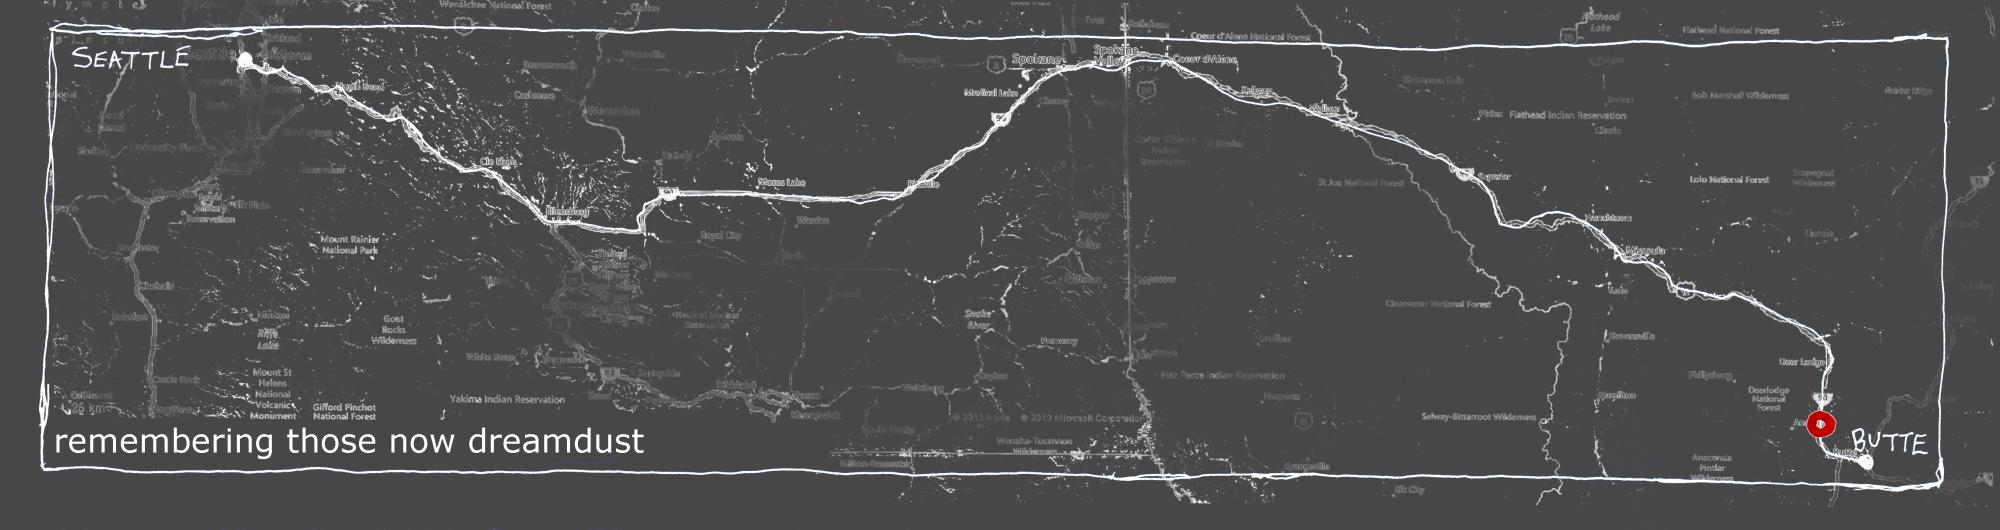 559 map